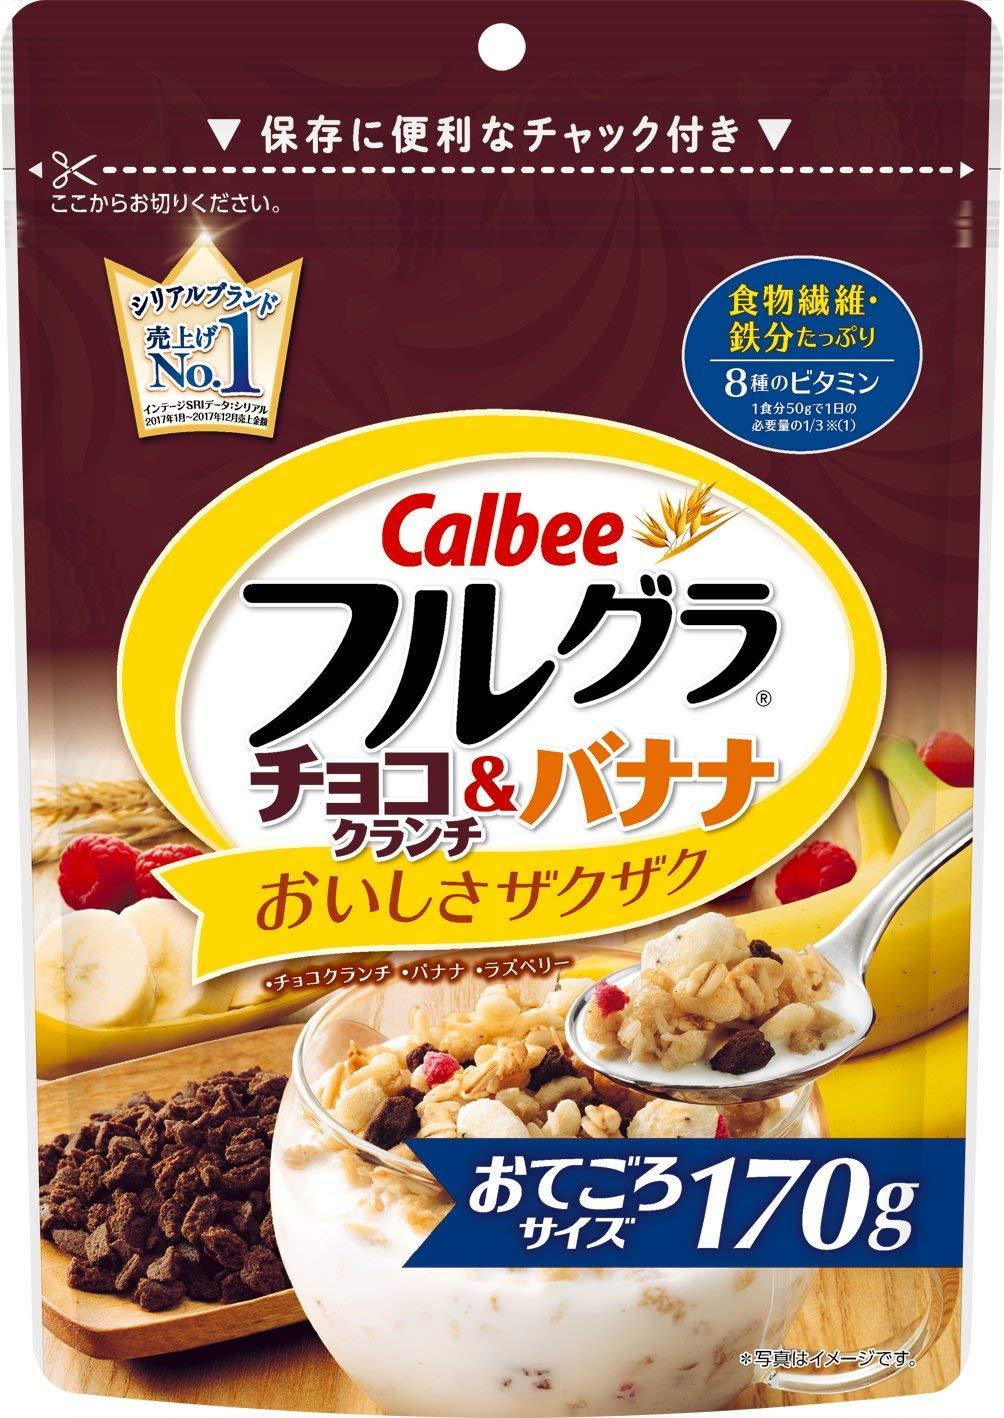 アマゾンでカルビー フルグラ チョコクランチ&バナナ 170g×10袋が1760円⇒809円。